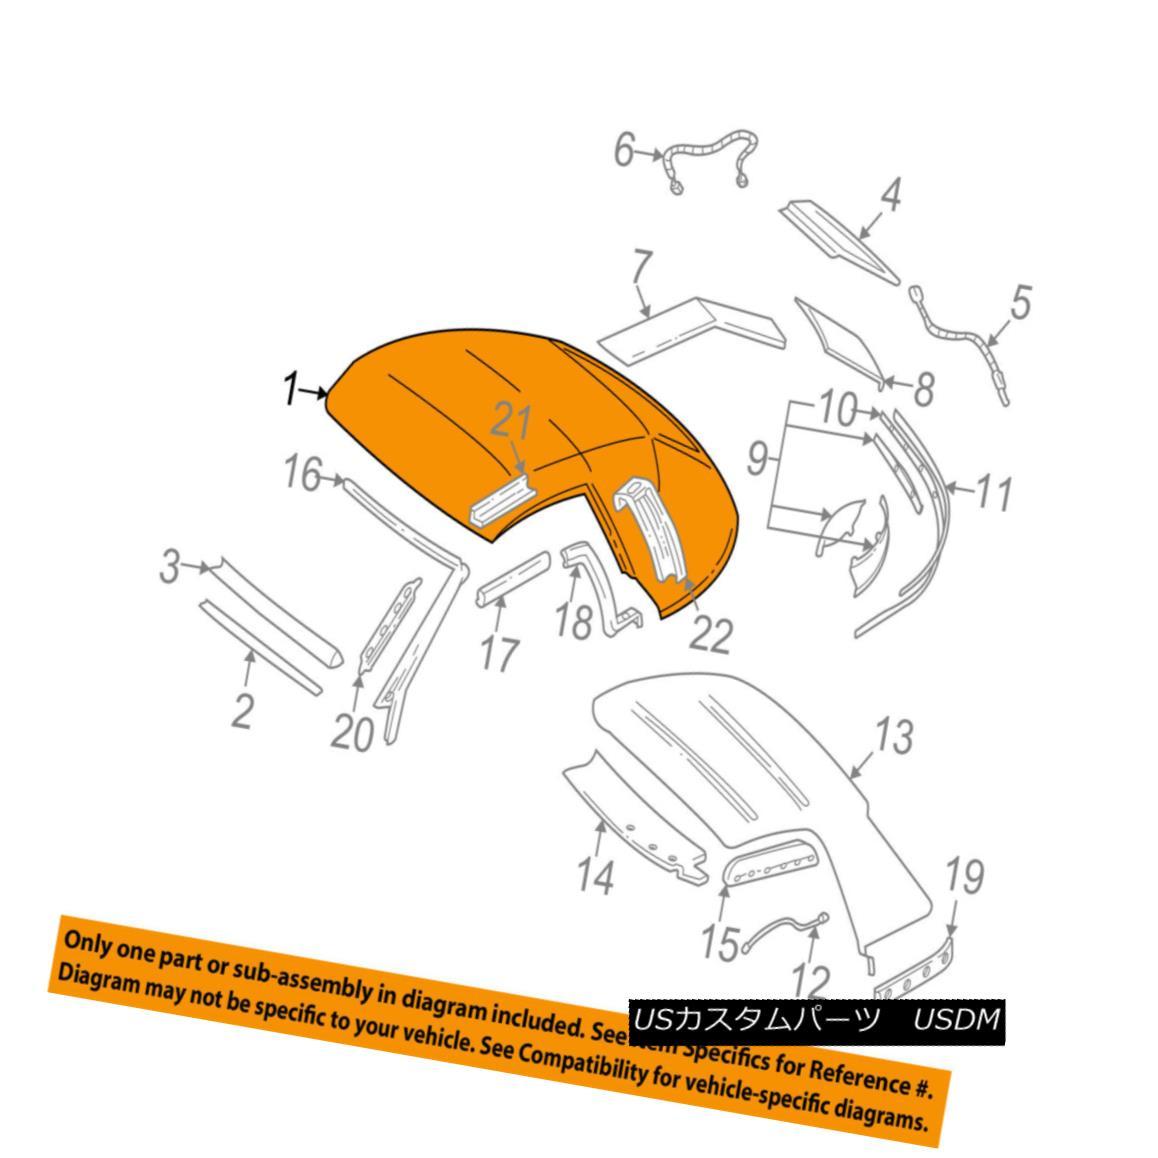 幌・ソフトトップ GM OEM Convertible/soft Top-Top Cover 10282821 GMのOEMコンバーチブル/ so ftトップトップカバー10282821